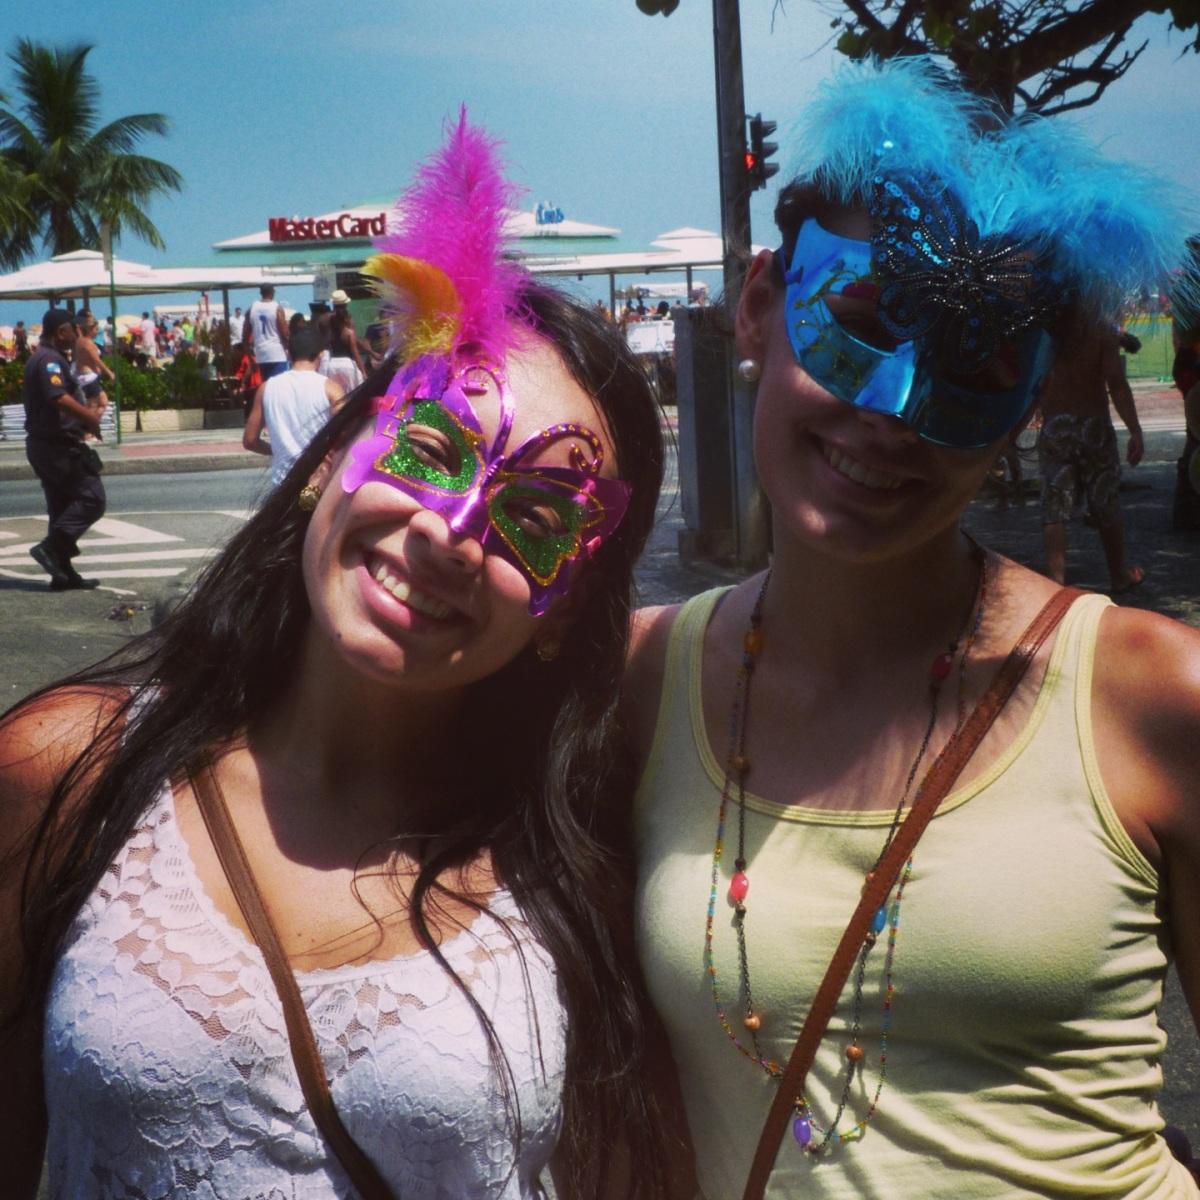 10 consejos para disfrutar el Carnaval en Río / 10 tips to enjoy the Carnival in Rio